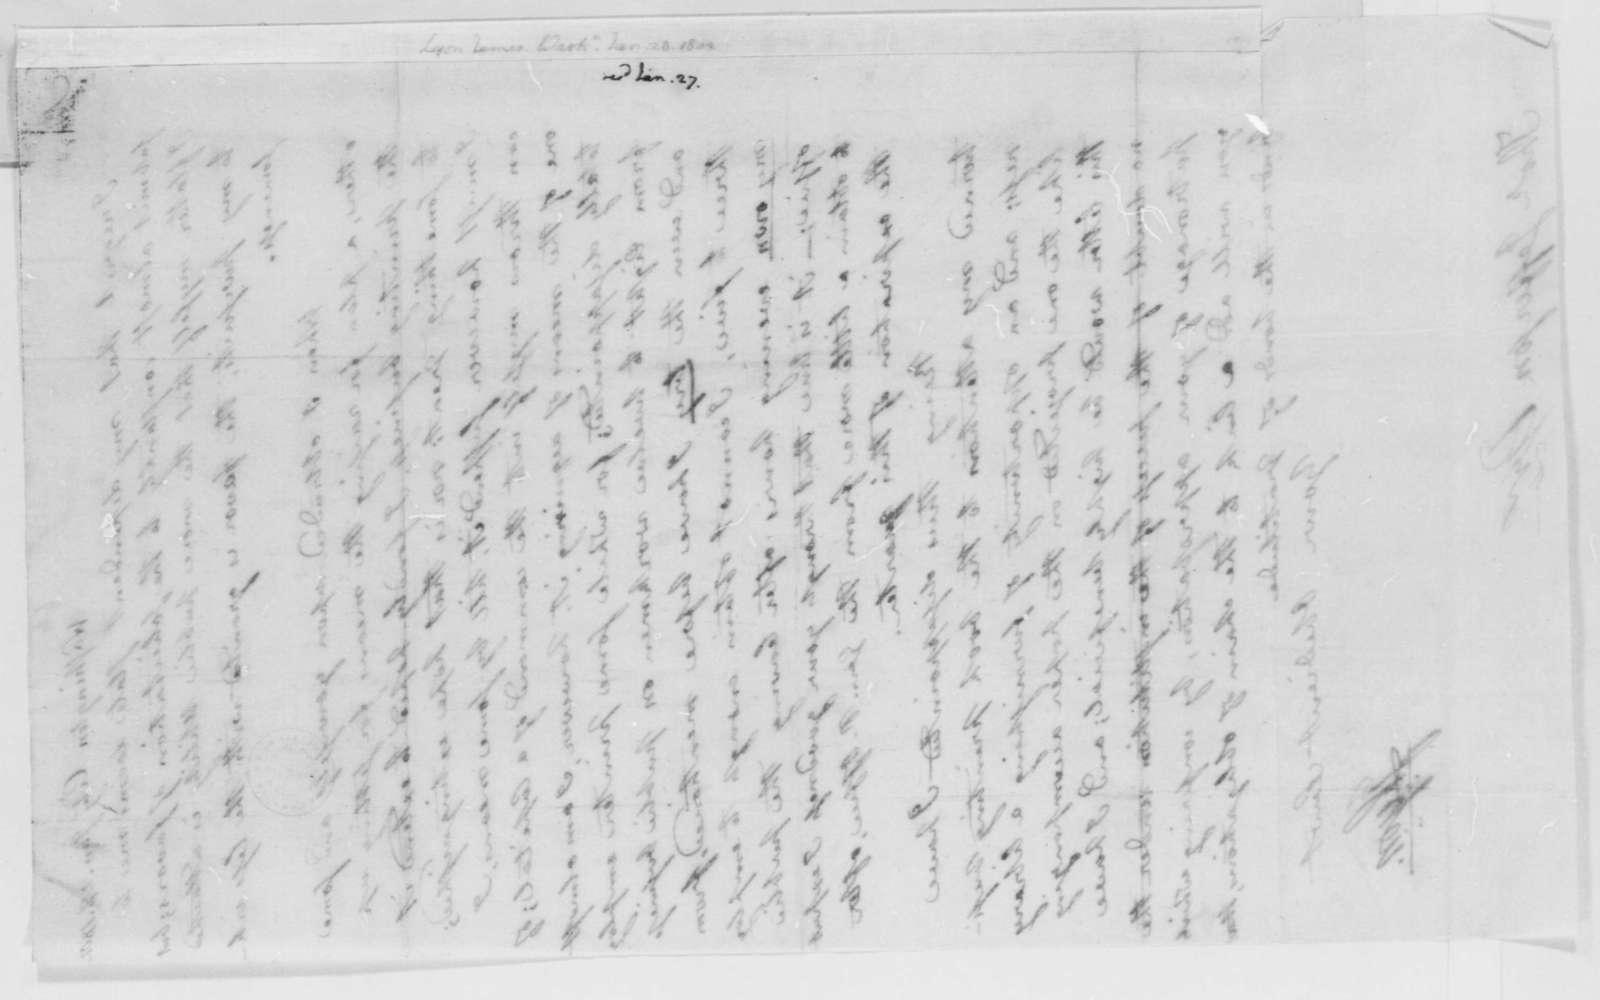 James Lyon to Thomas Jefferson, January 28, 1802